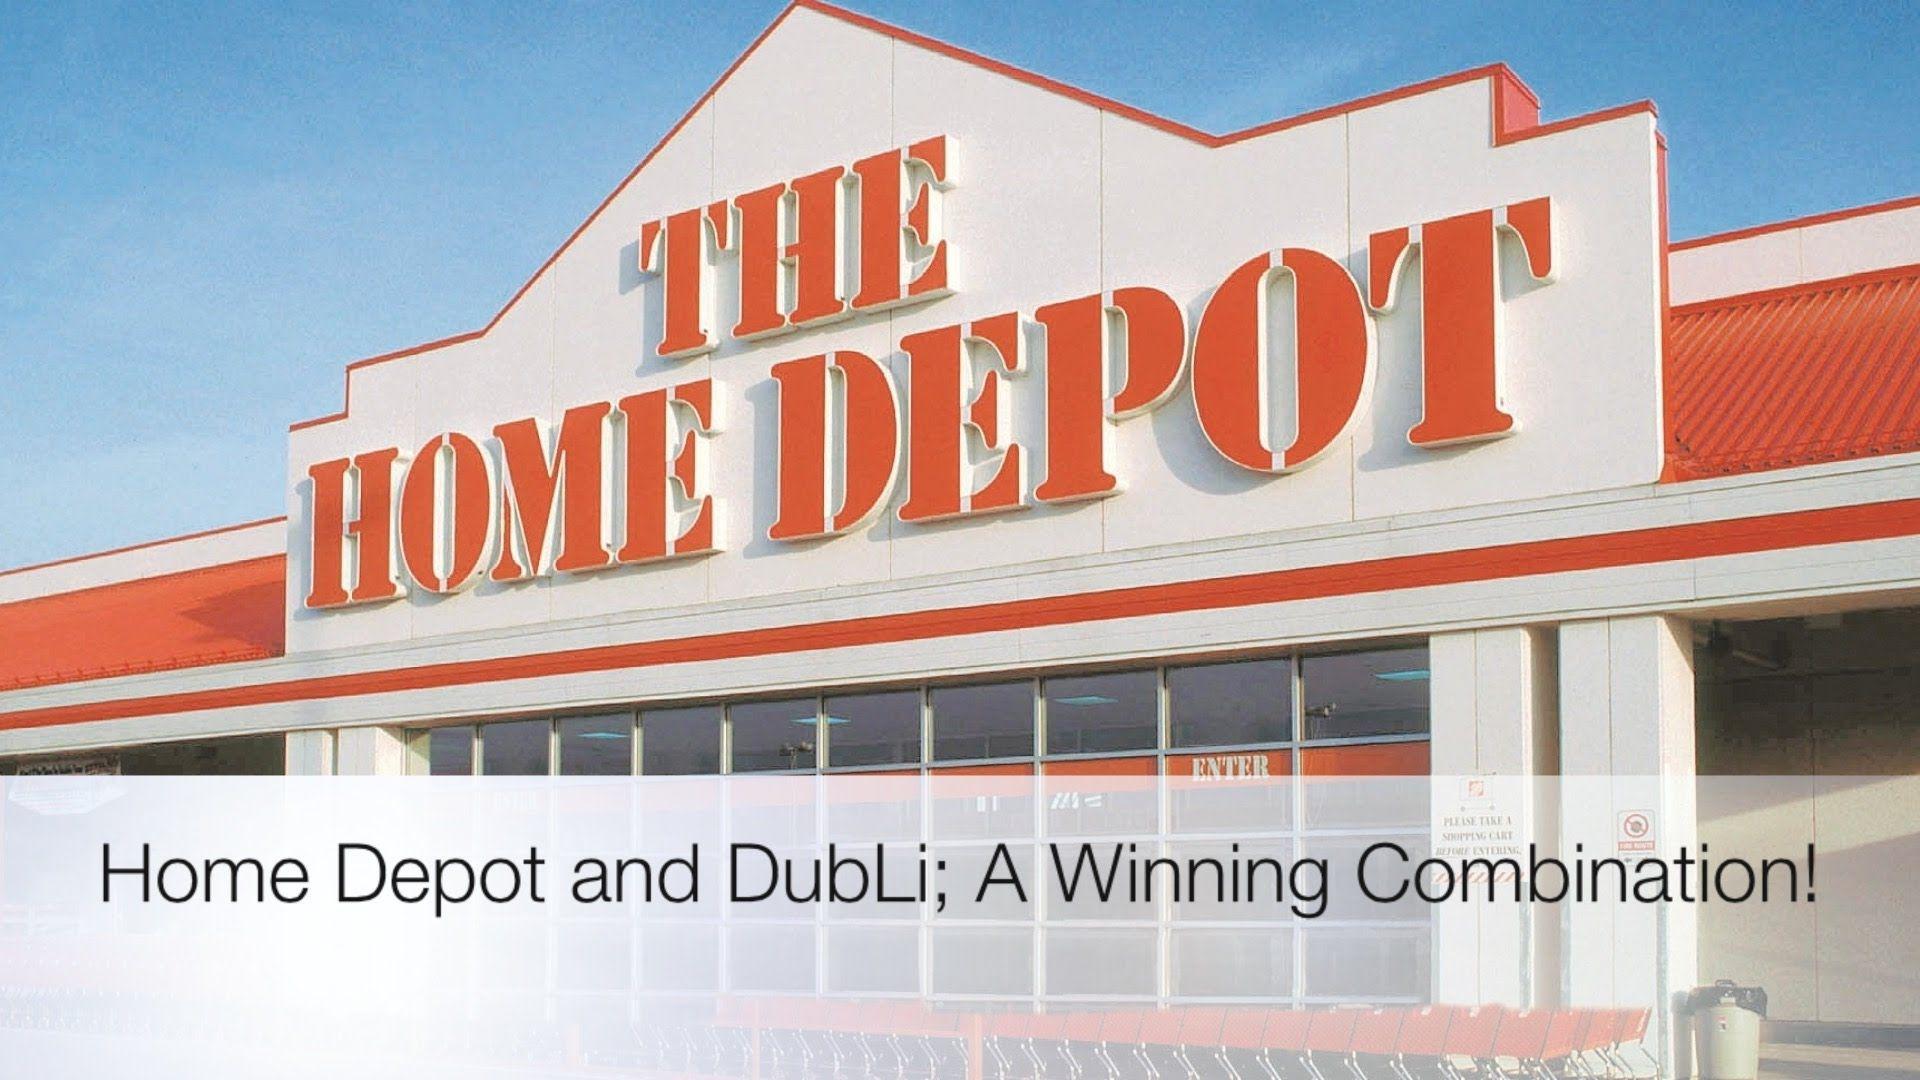 Home depot and dubli a winning combination home depot